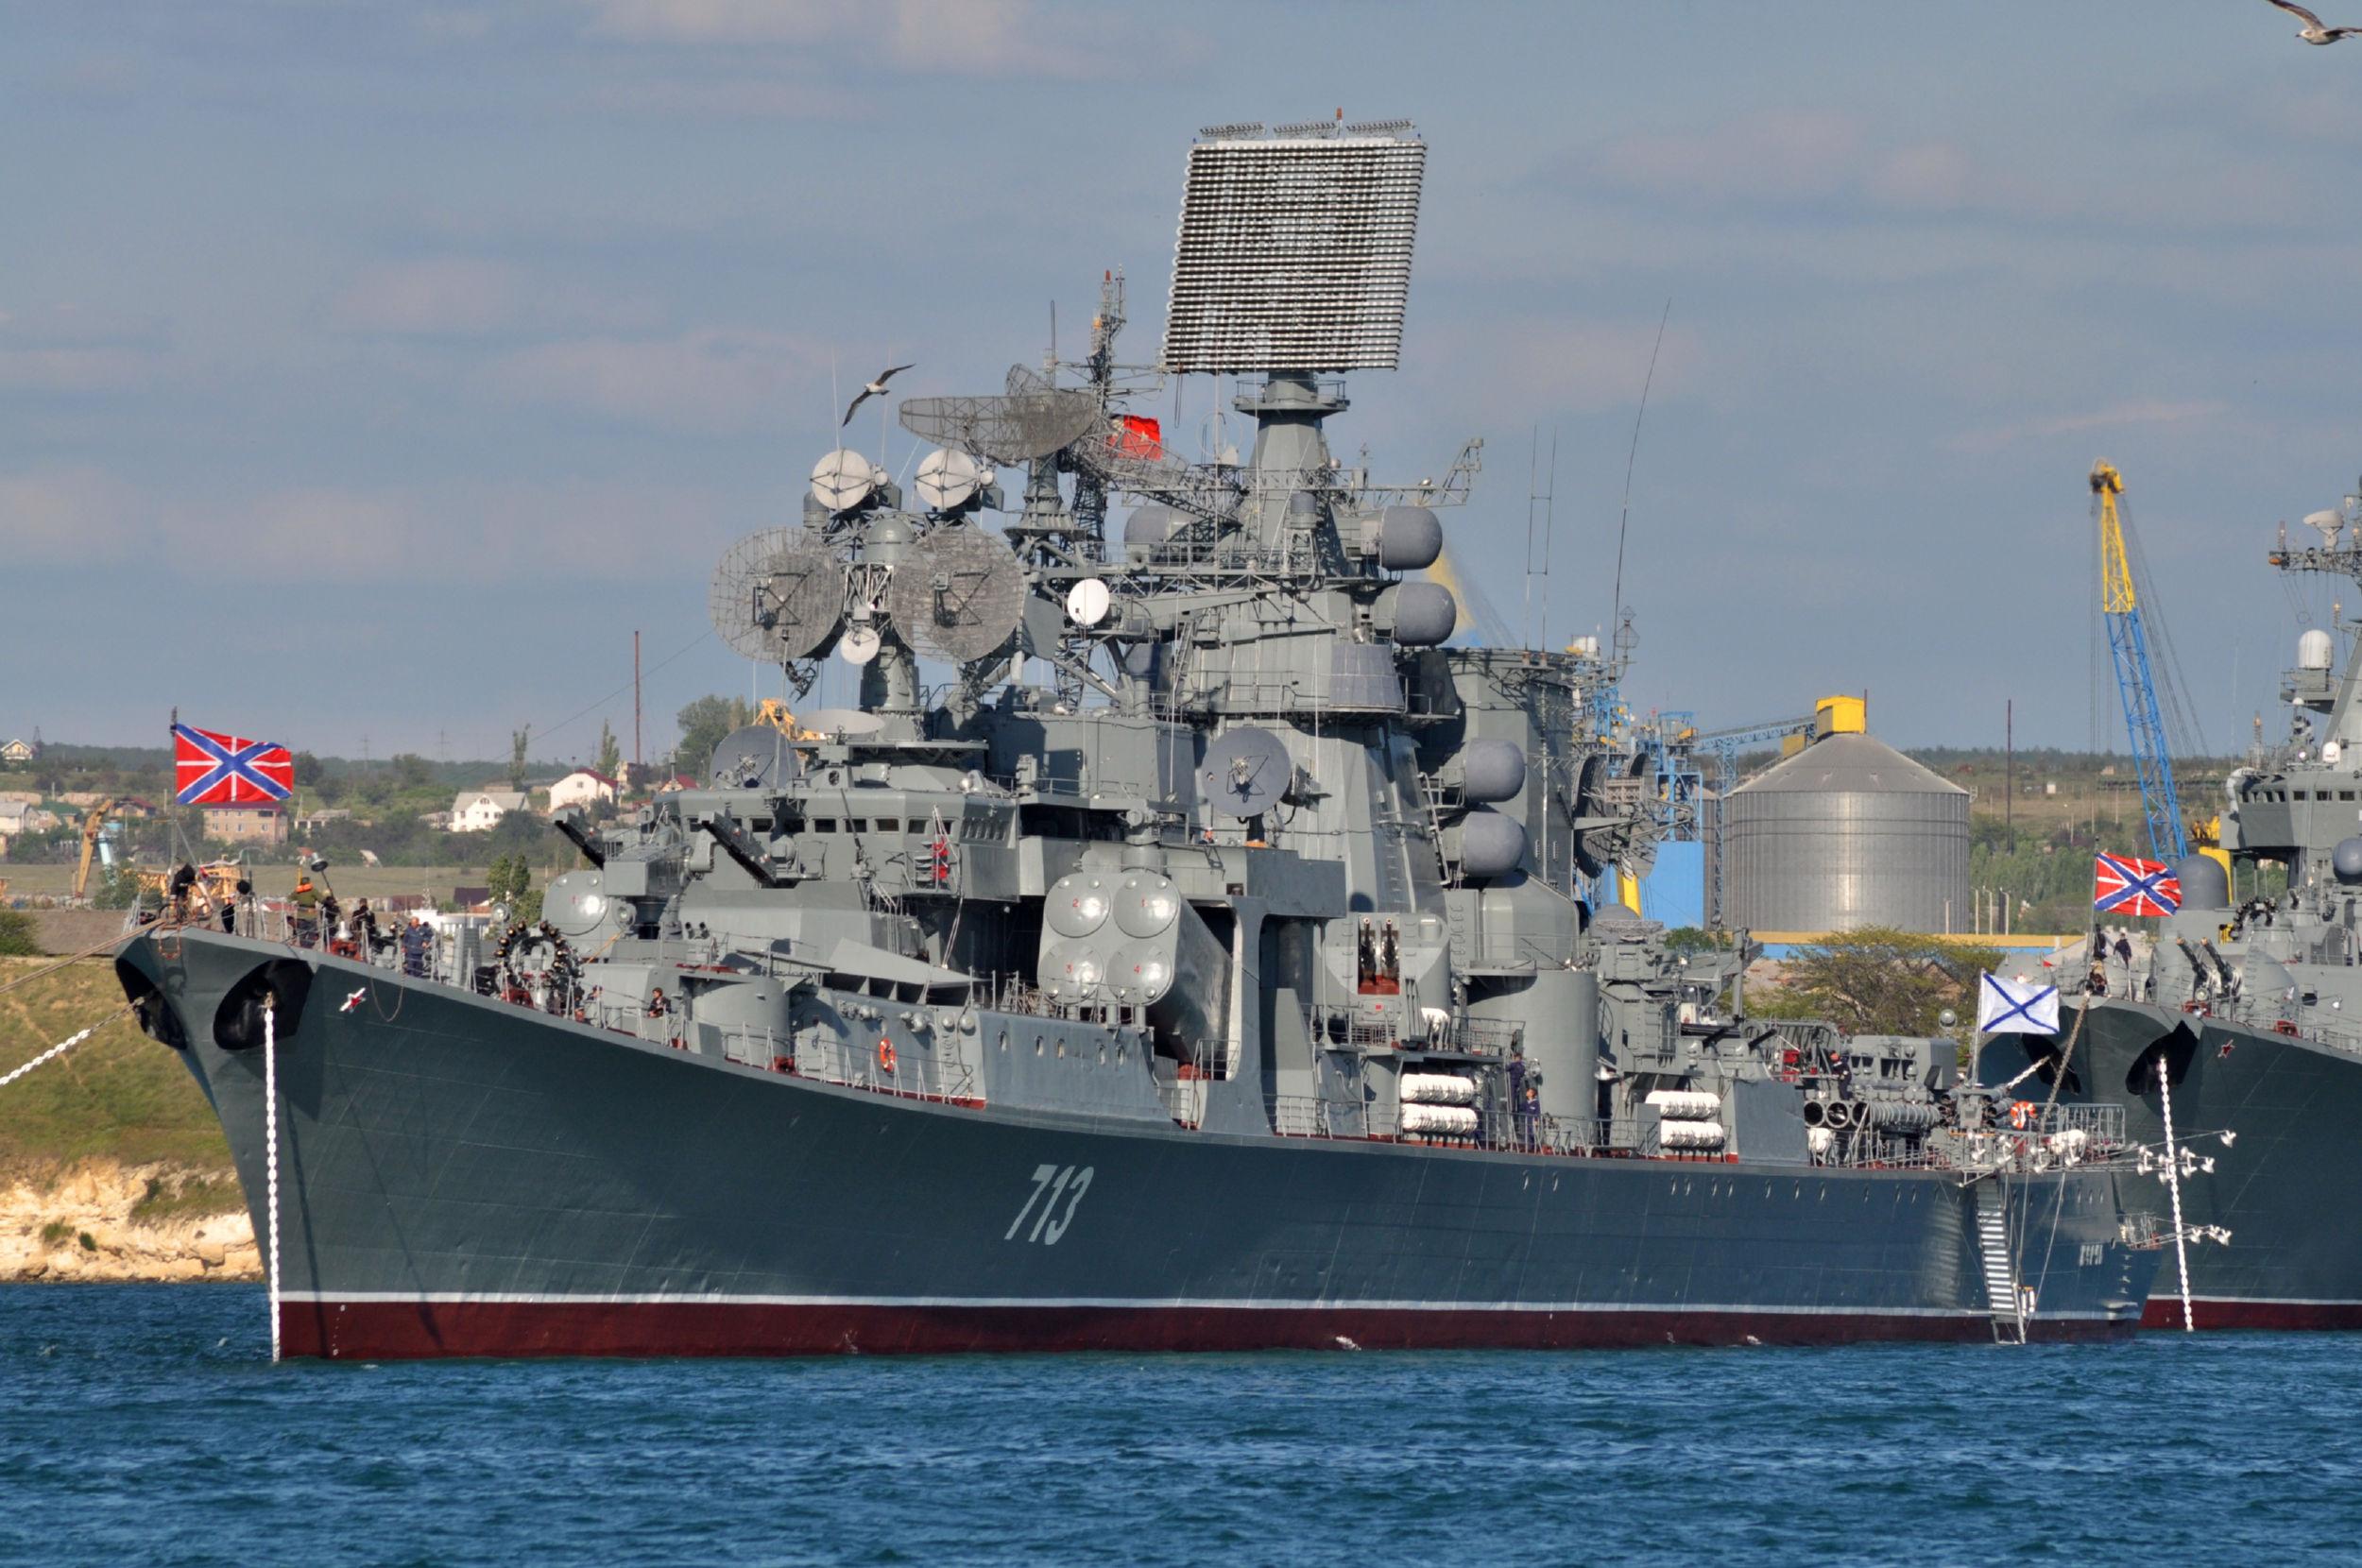 近代化改装される親衛ロケット巡洋艦モスクワに代わる黒海艦隊旗艦は2015年に選ばれる   N.G.クズネツォフ記念・ウリヤノフスク赤旗・親衛ロシア海軍情報管理局